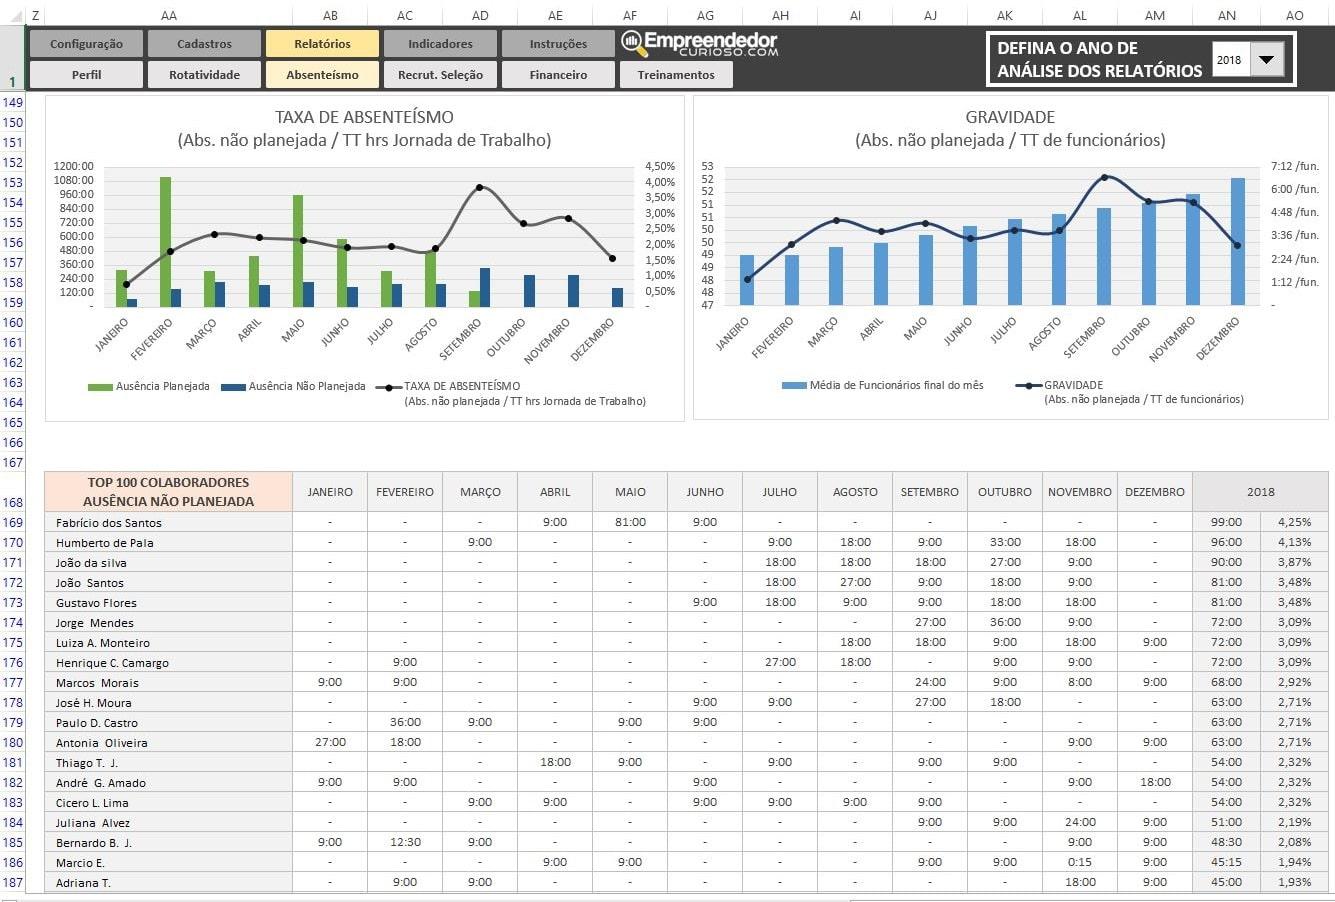 Indicador de Absenteísmo no trabalho - Relatório B - O que é Absenteísmo. Indicadores de RH em Excel.